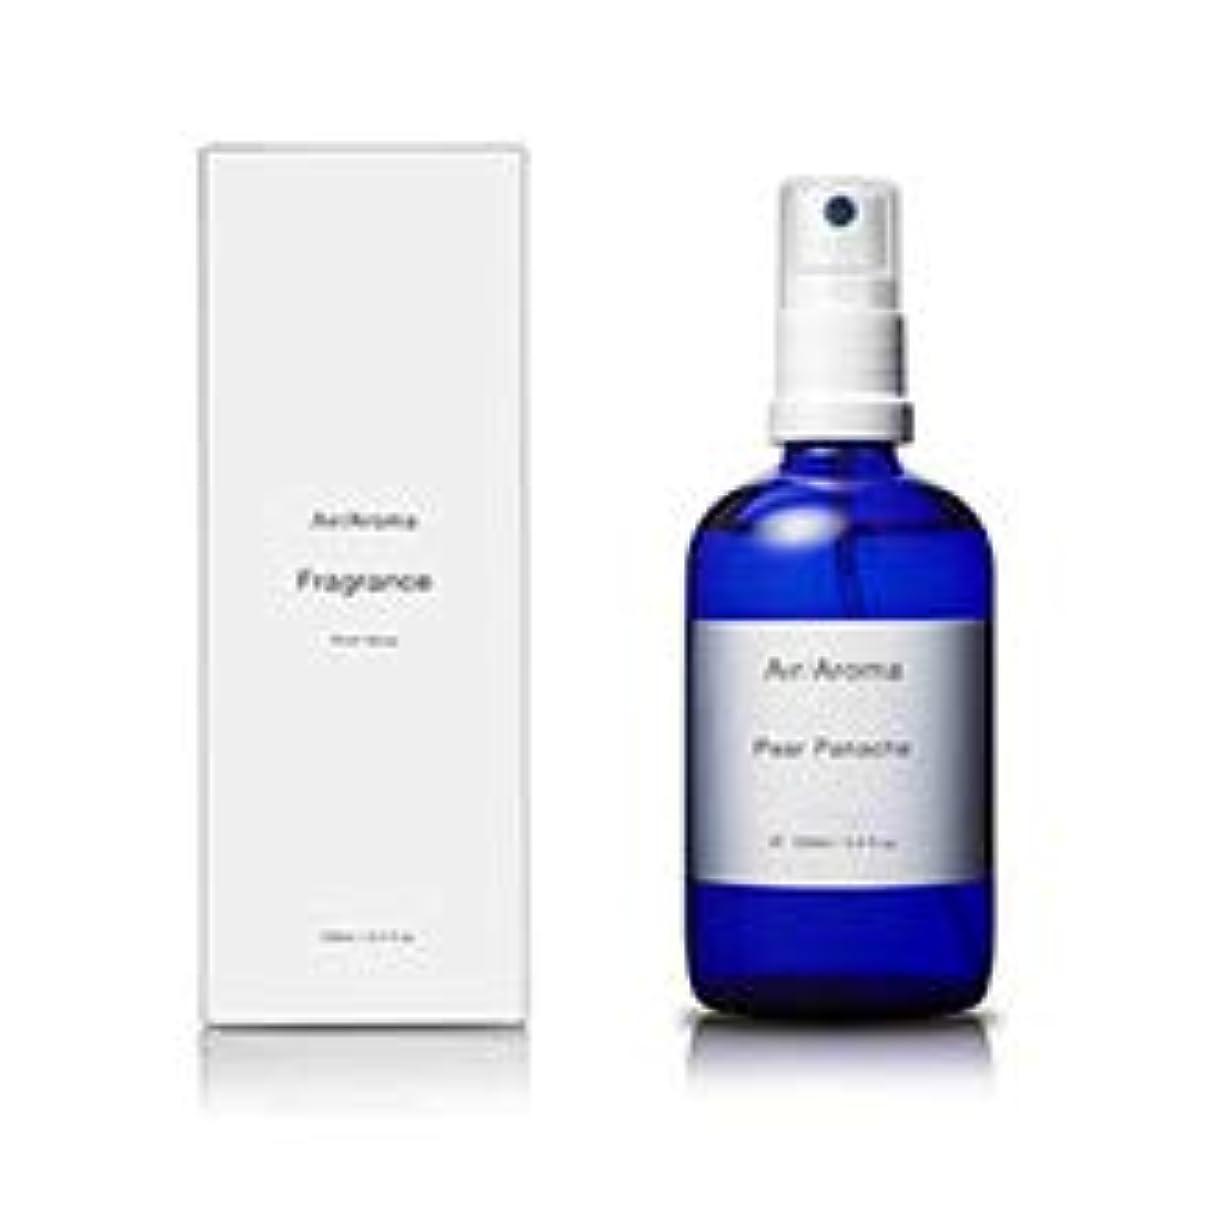 然とした封筒大惨事エアアロマ pear panache room fragrance (ペアパナシェ ルームフレグランス) 100ml